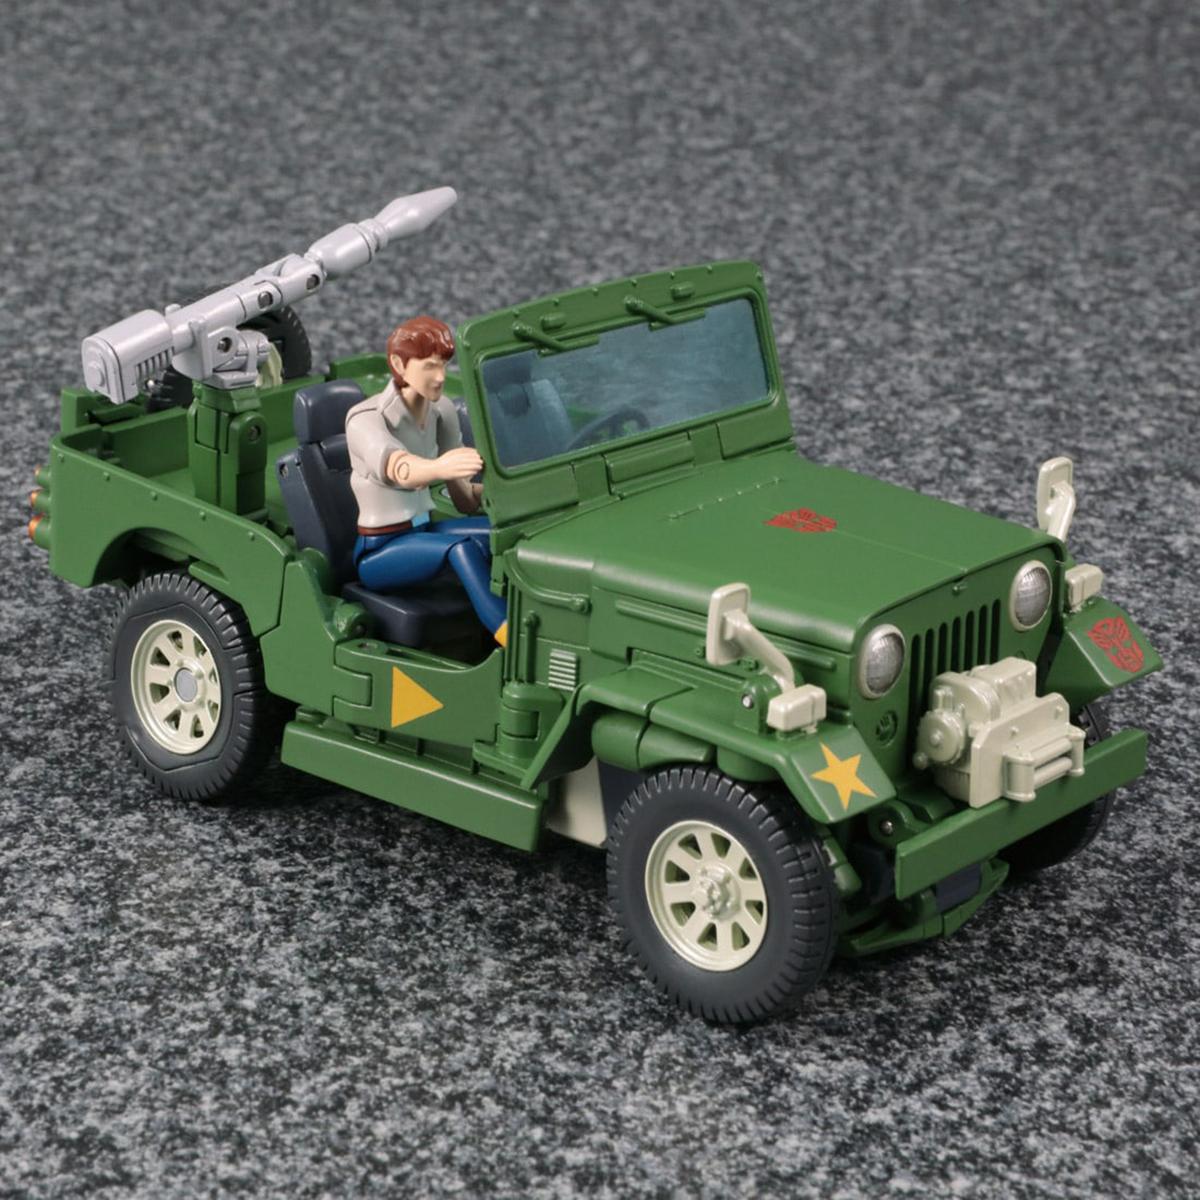 トランスフォーマー マスターピース『MP-47 ハウンド』可変可動フィギュア-008